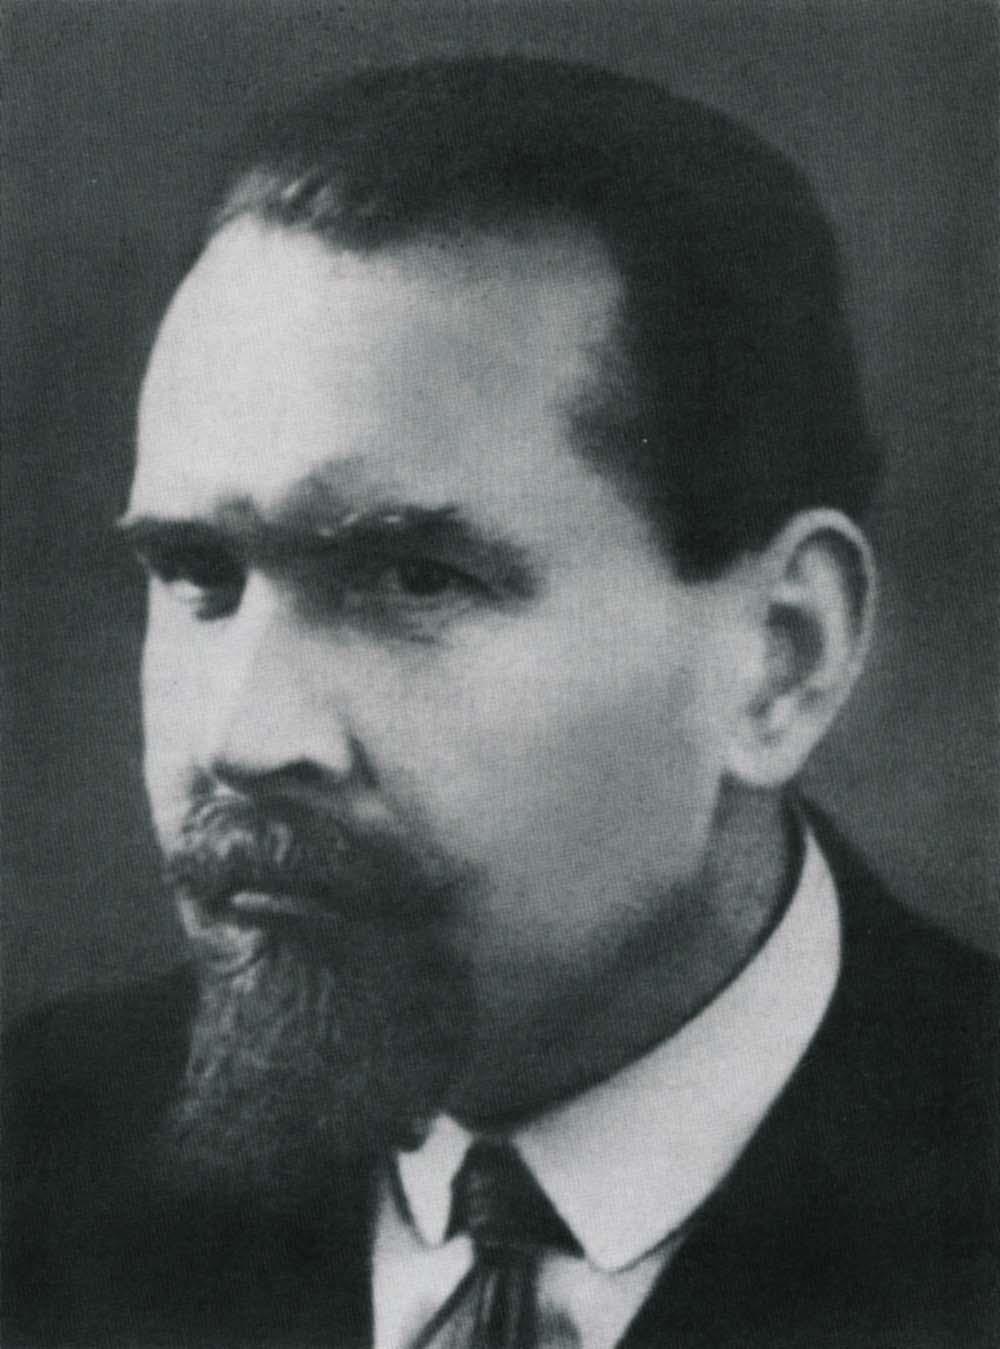 Н.С. Трубецкой (1890-1938). Б/д. Главархив Москвы